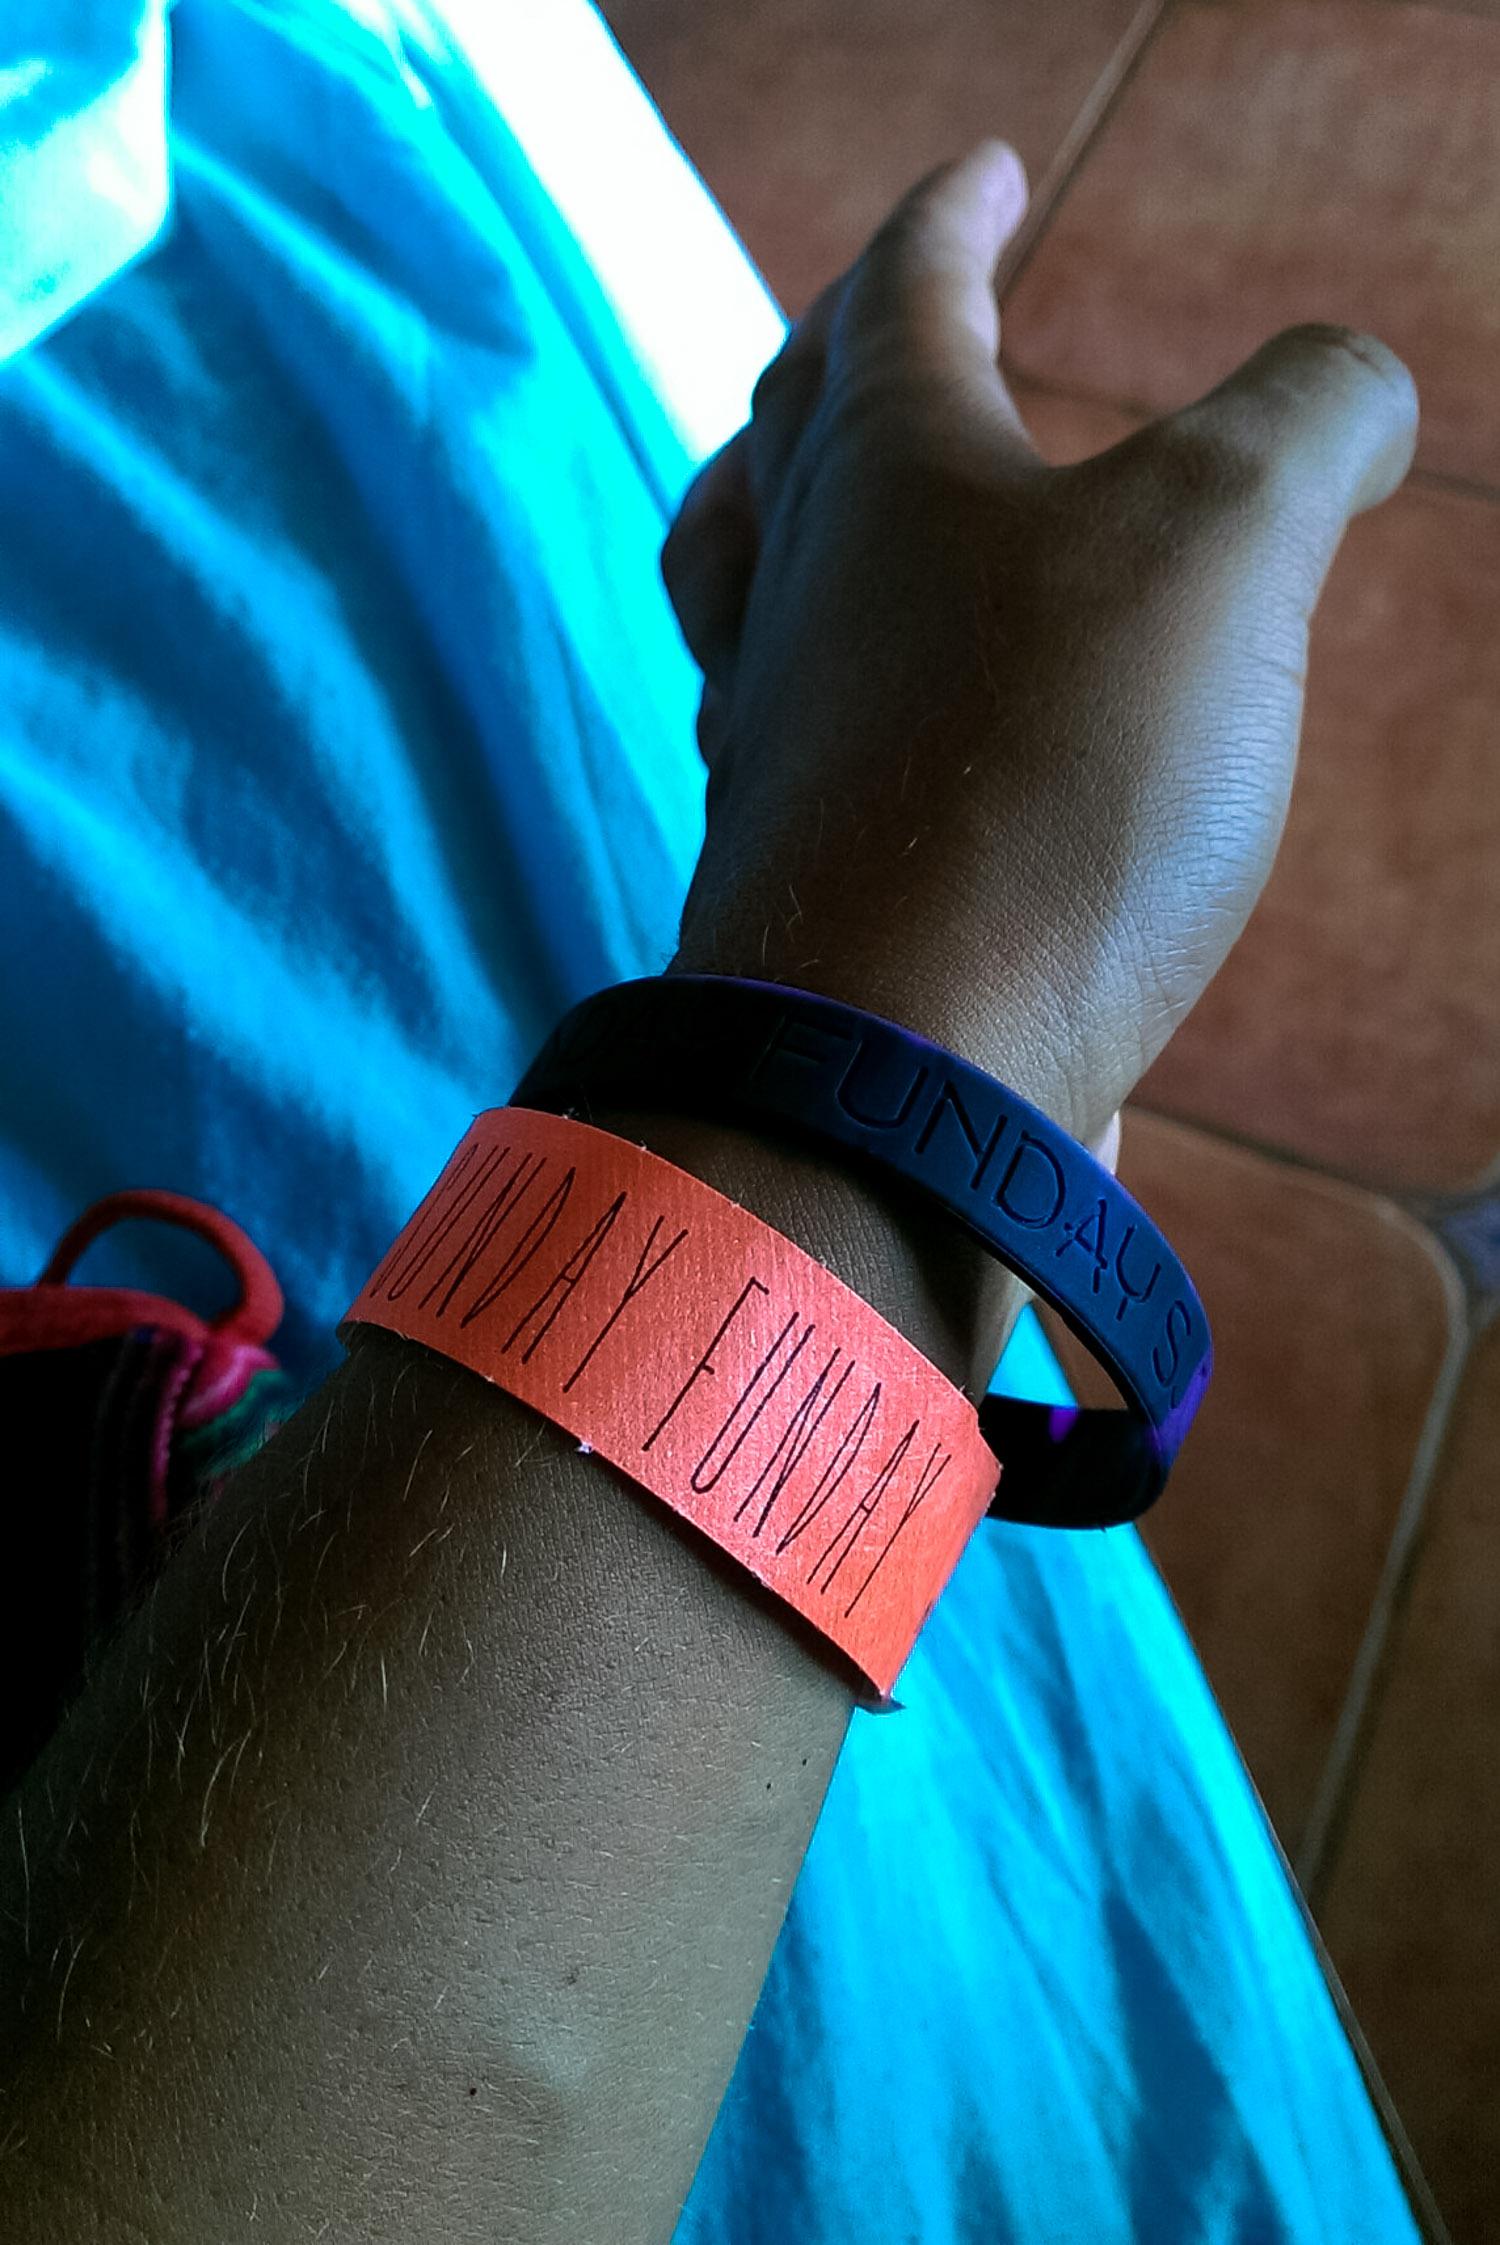 sunday funday wrist bands